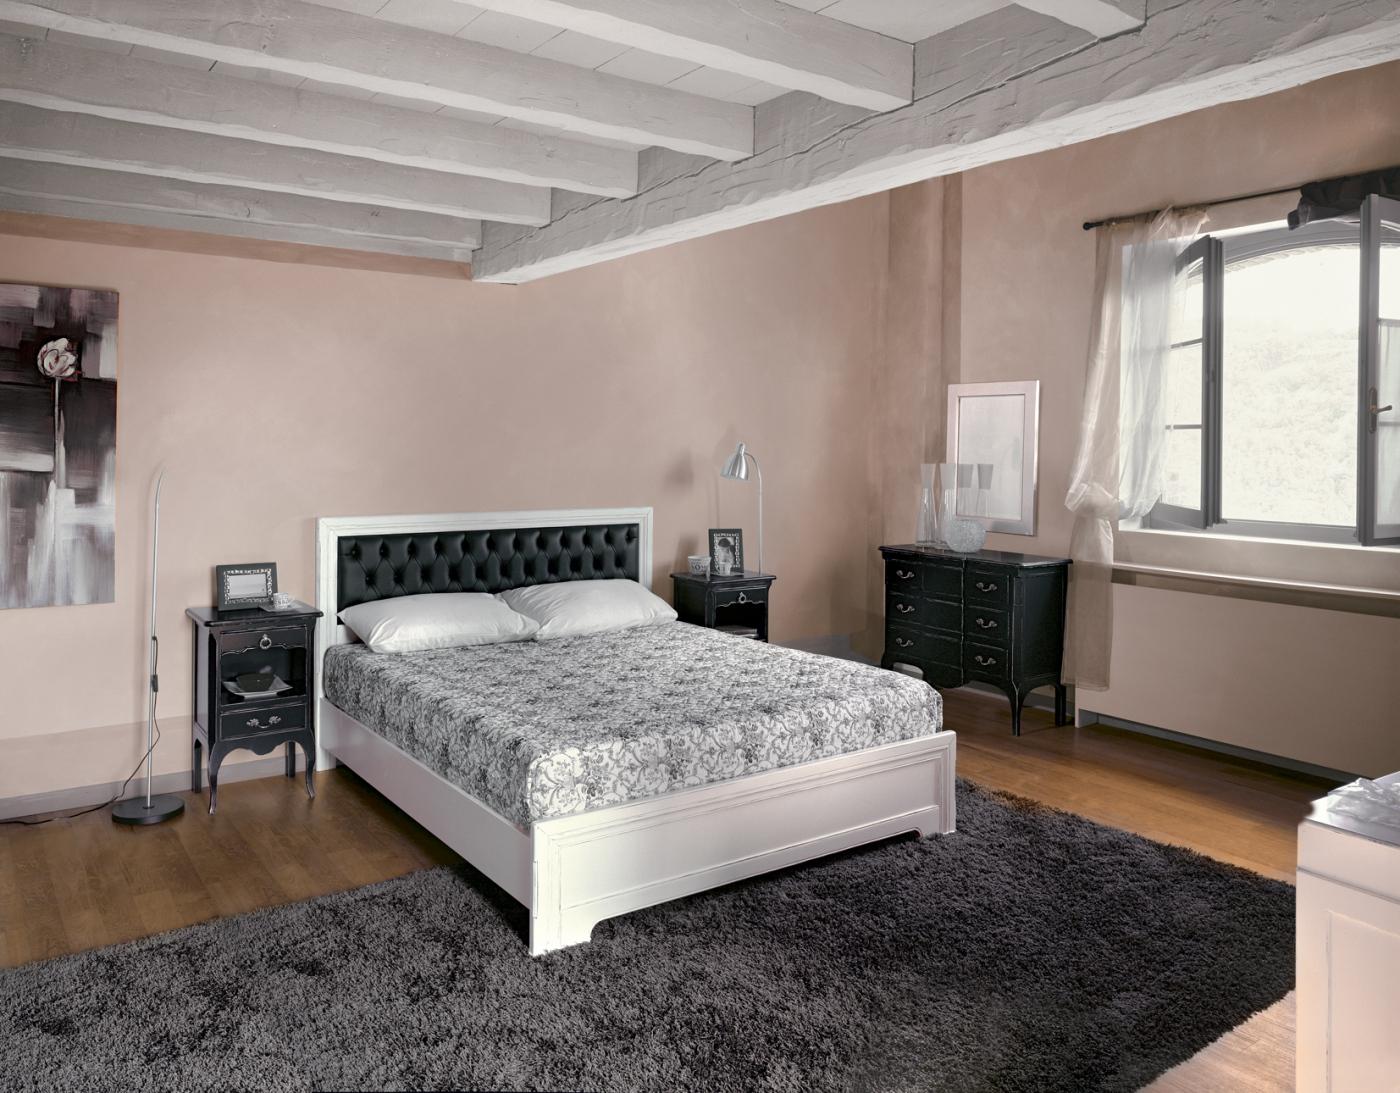 Letti in stile classico l 39 eleganza in camera da letto - Camera da letto stile classico ...